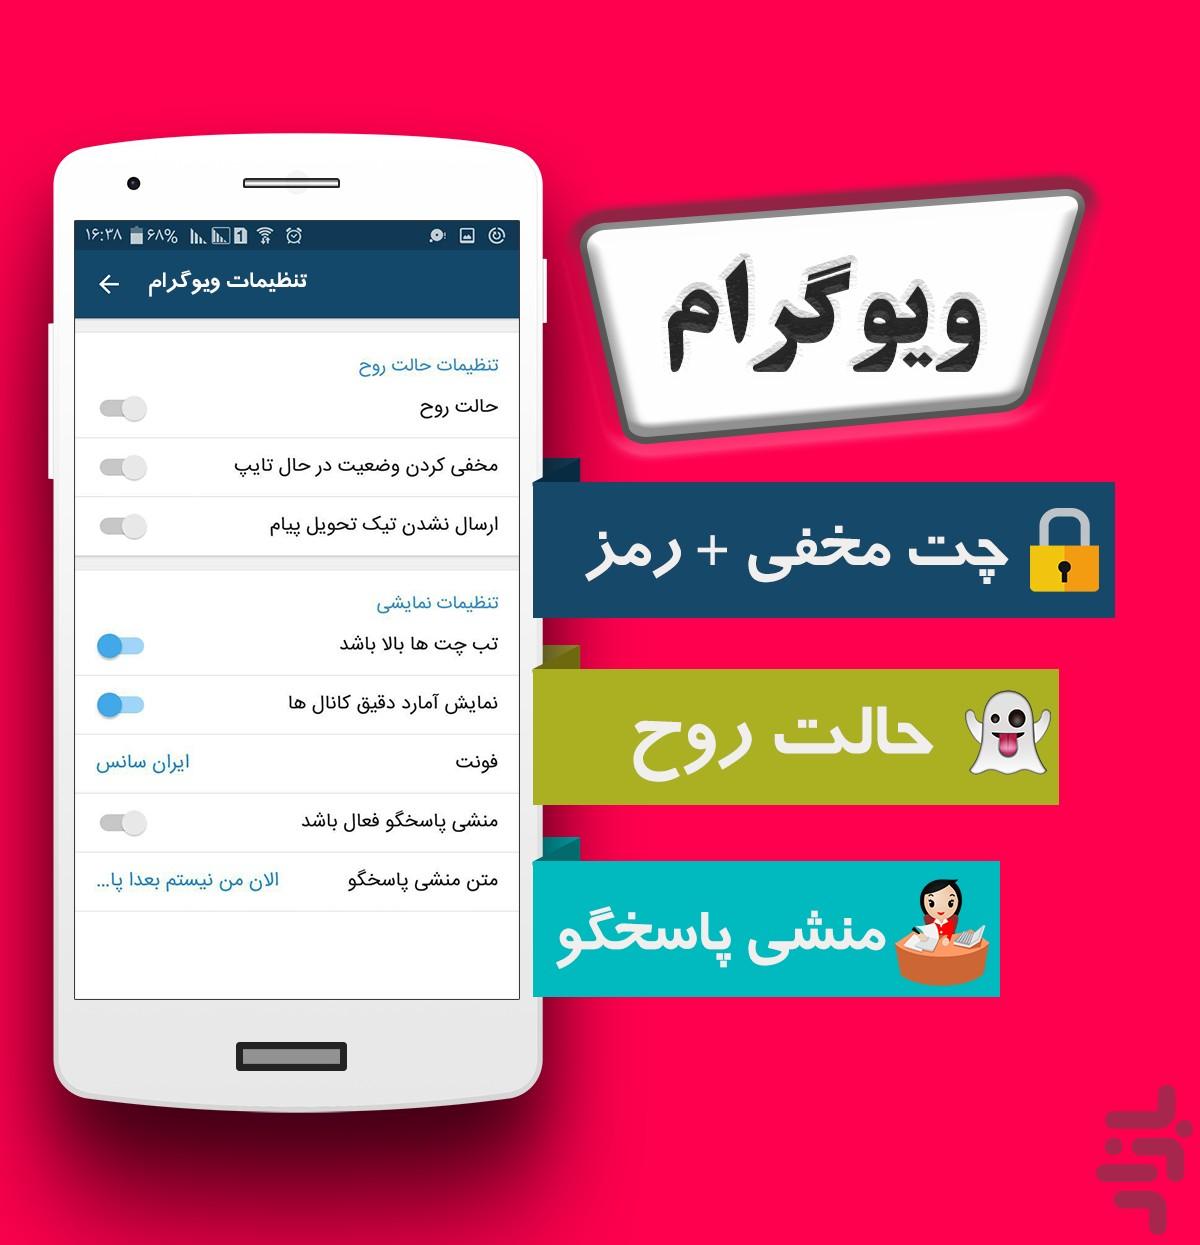 دانلود تلگرام فارسی اندروید2 2 ViewGram